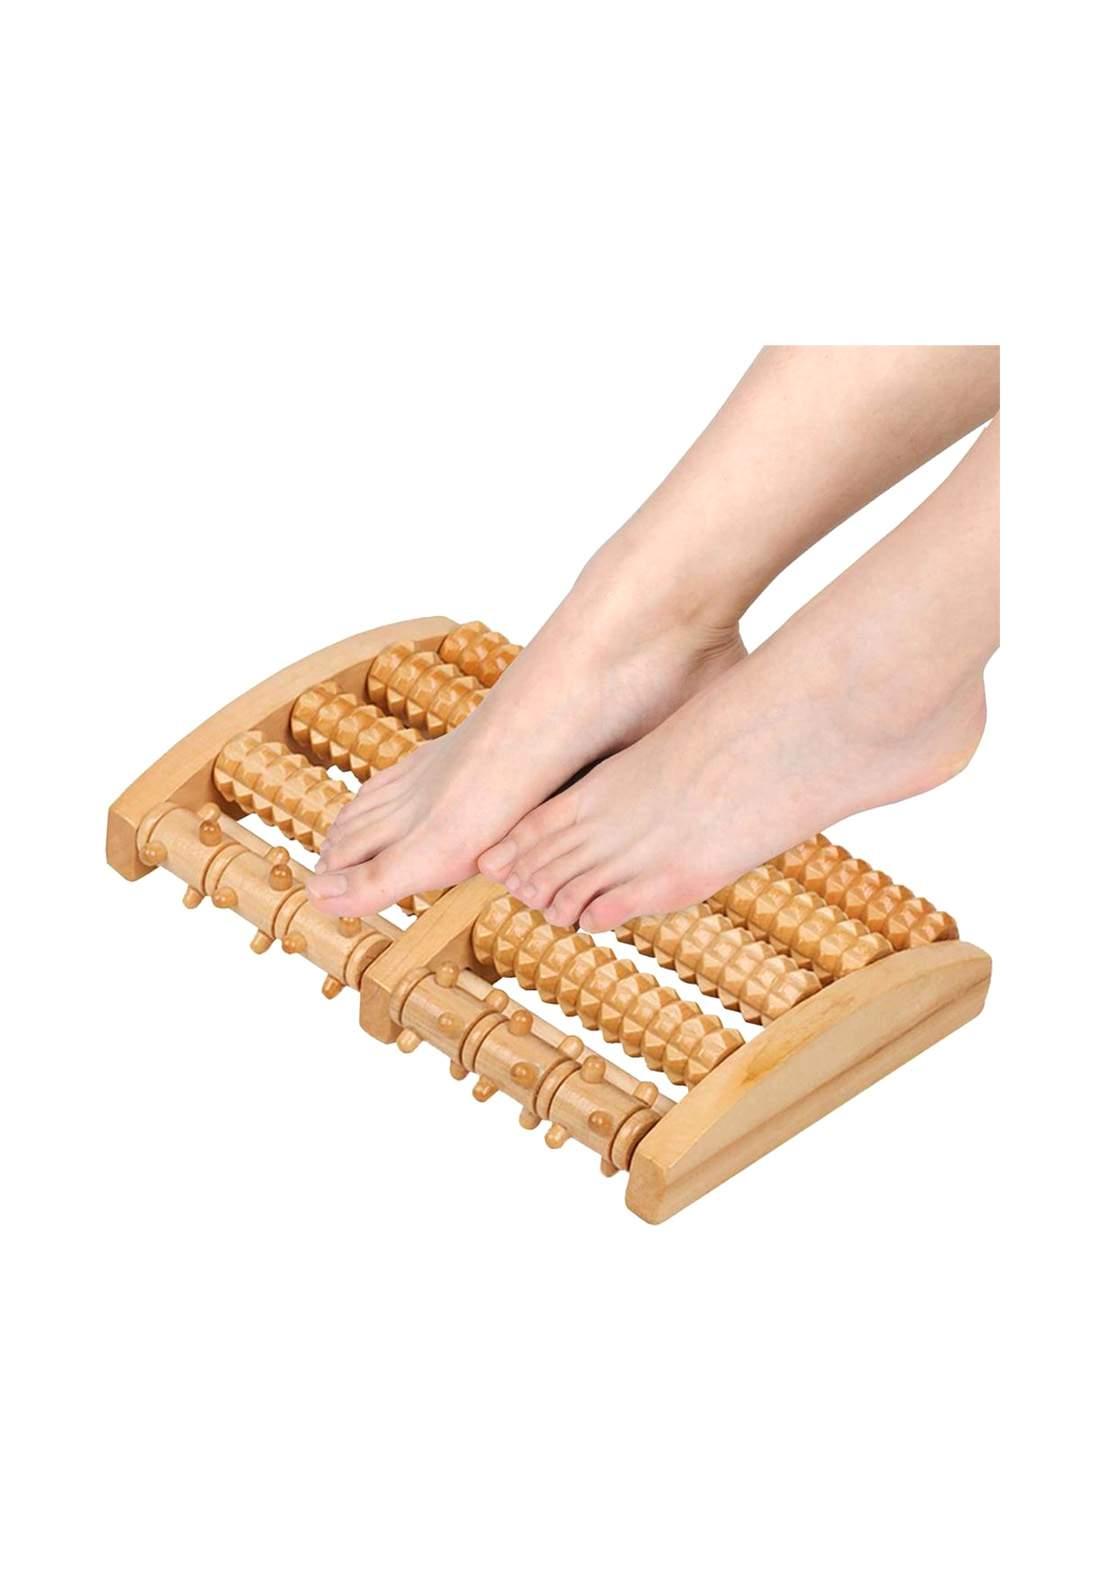 اداة تدليك الاقدام الخشبية للقضاء على آلام القدمين